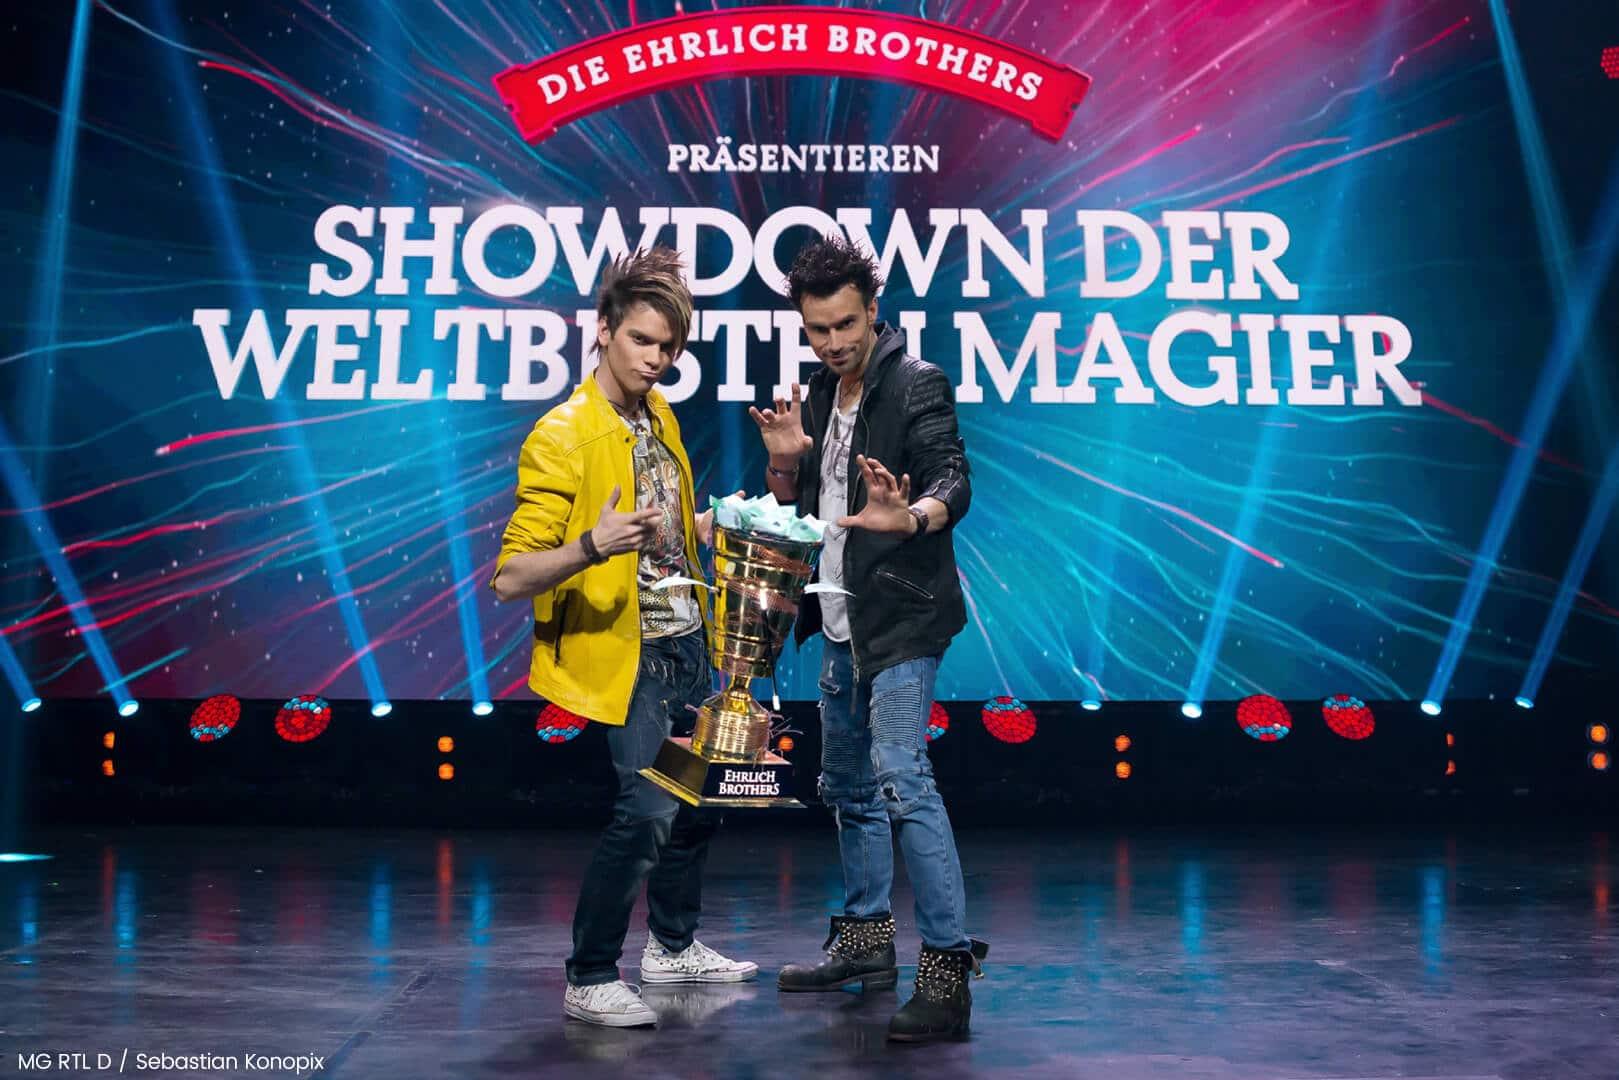 MG RTL D / Sebastian Konopix